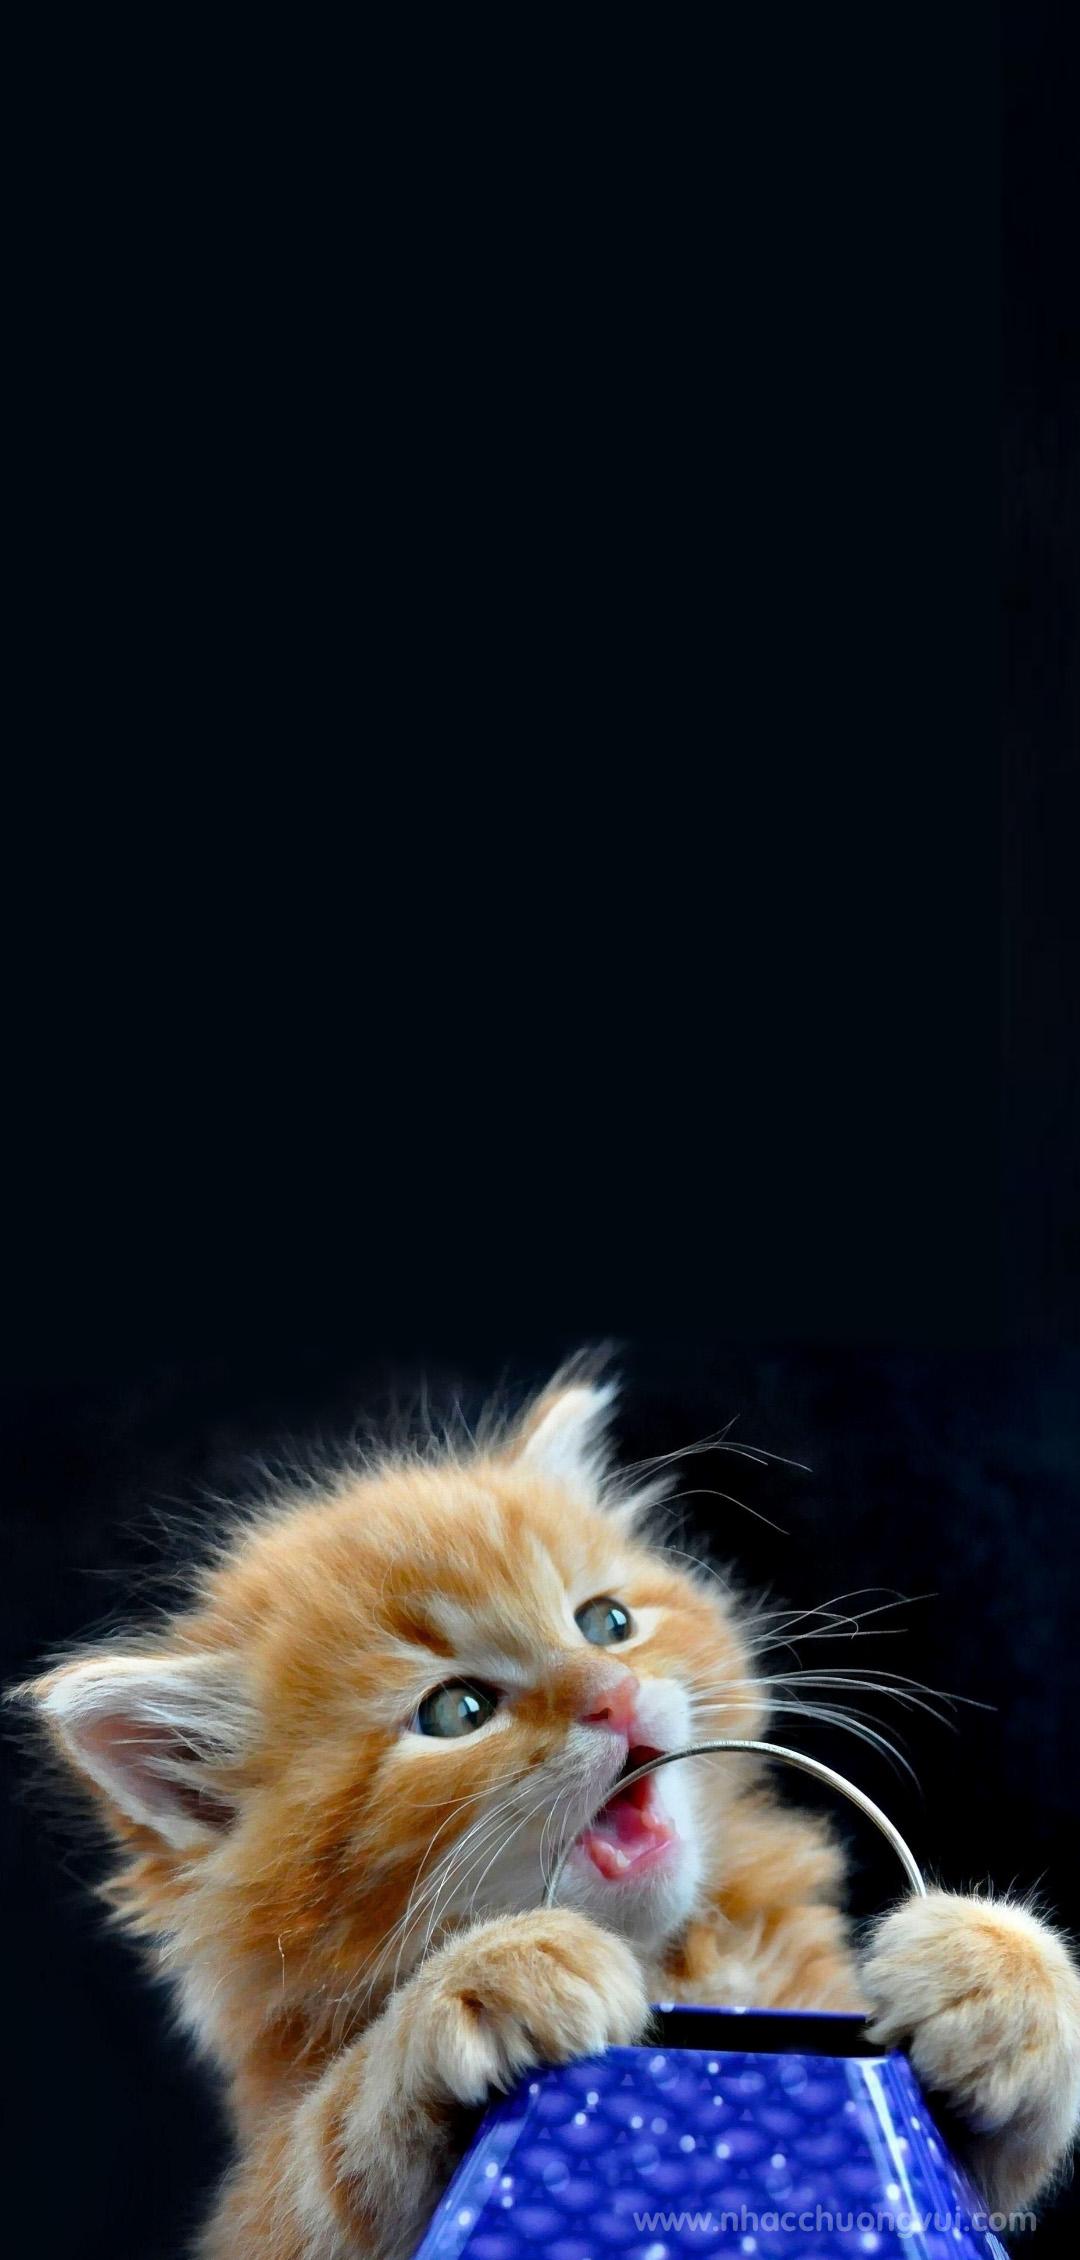 Ảnh nền mèo cho điện thoại dễ thương nhất 11